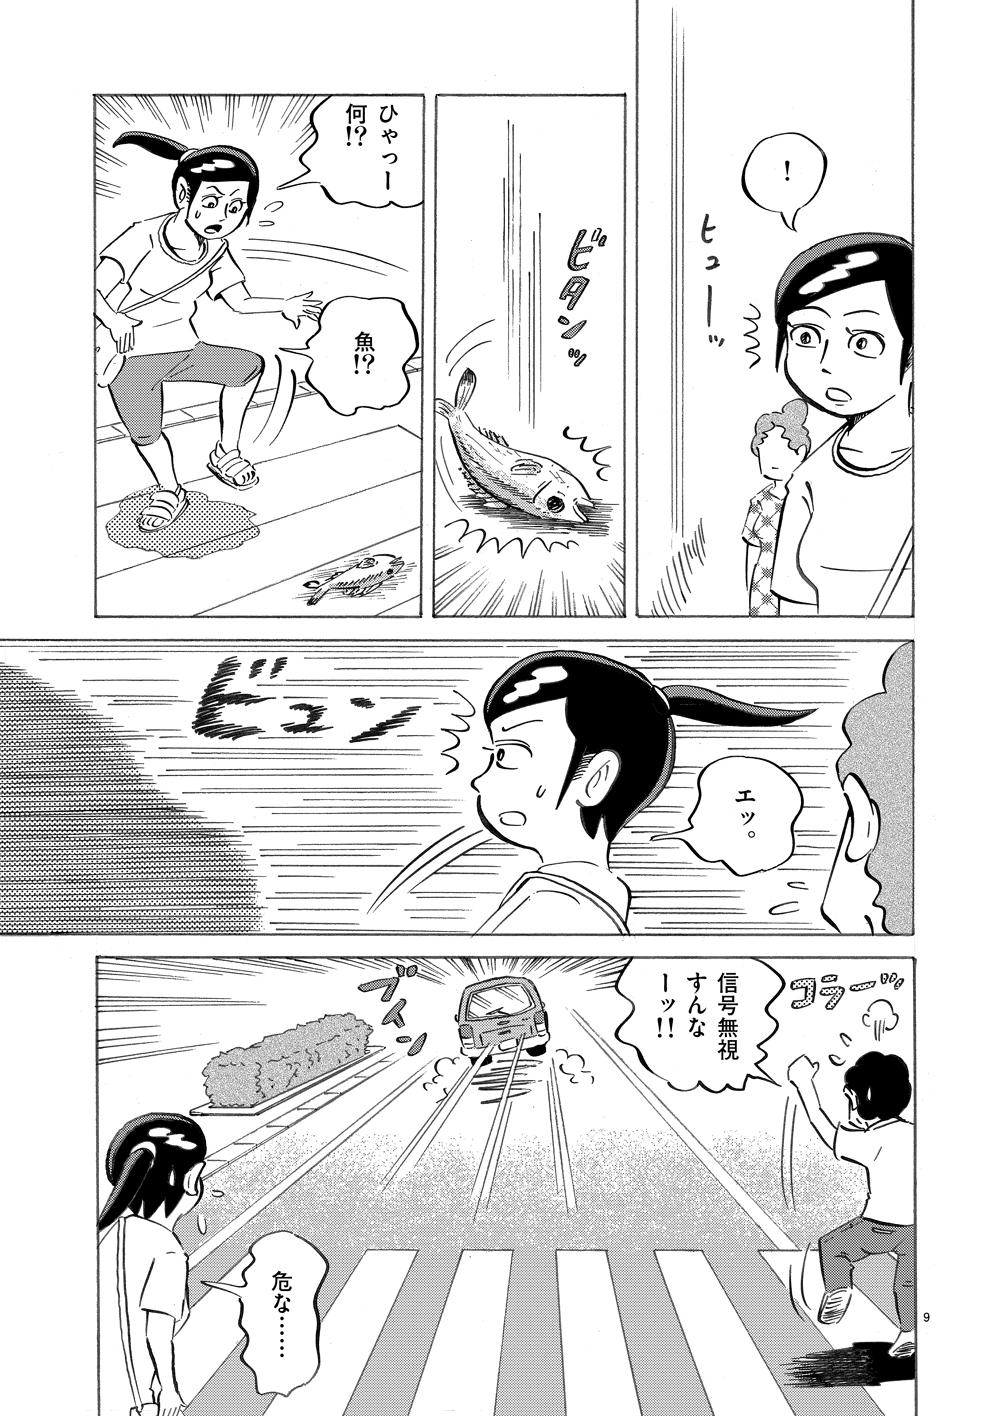 琉球怪談 【第6話】WEB掲載9ページ目画像